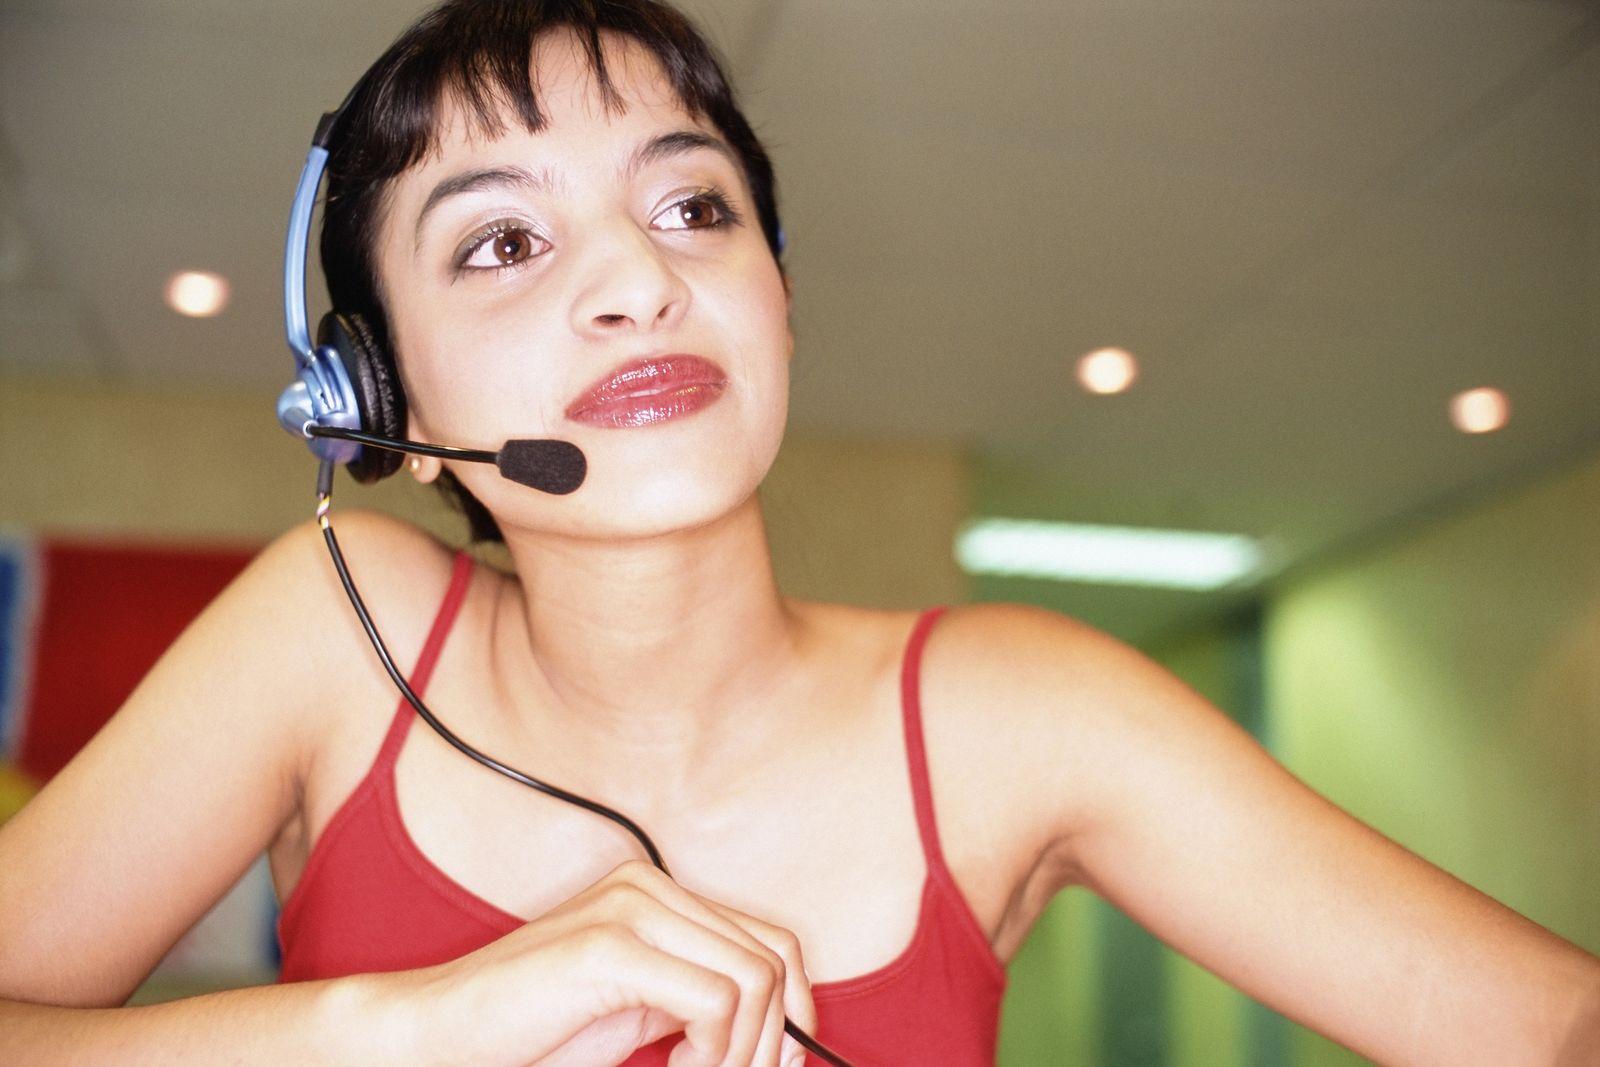 NICHT MEHR VERWENDEN! - Telefonieren / Call-Center / Headset